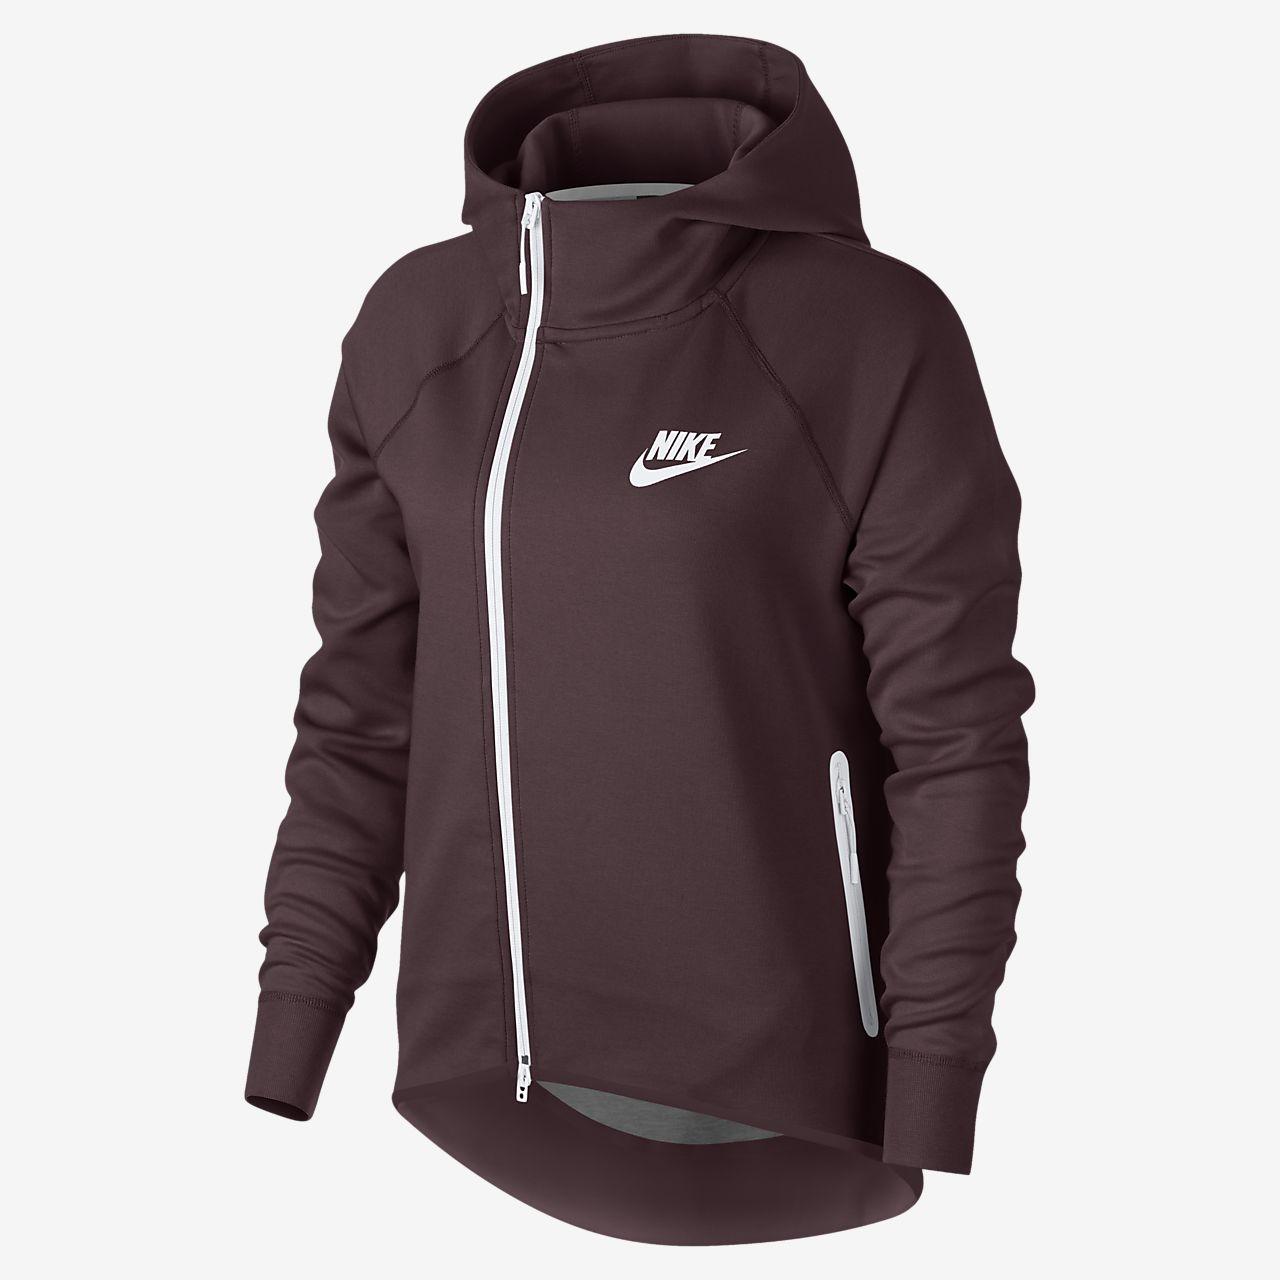 Nike Sportswear Tech Fleece Women's Full-Zip Cape